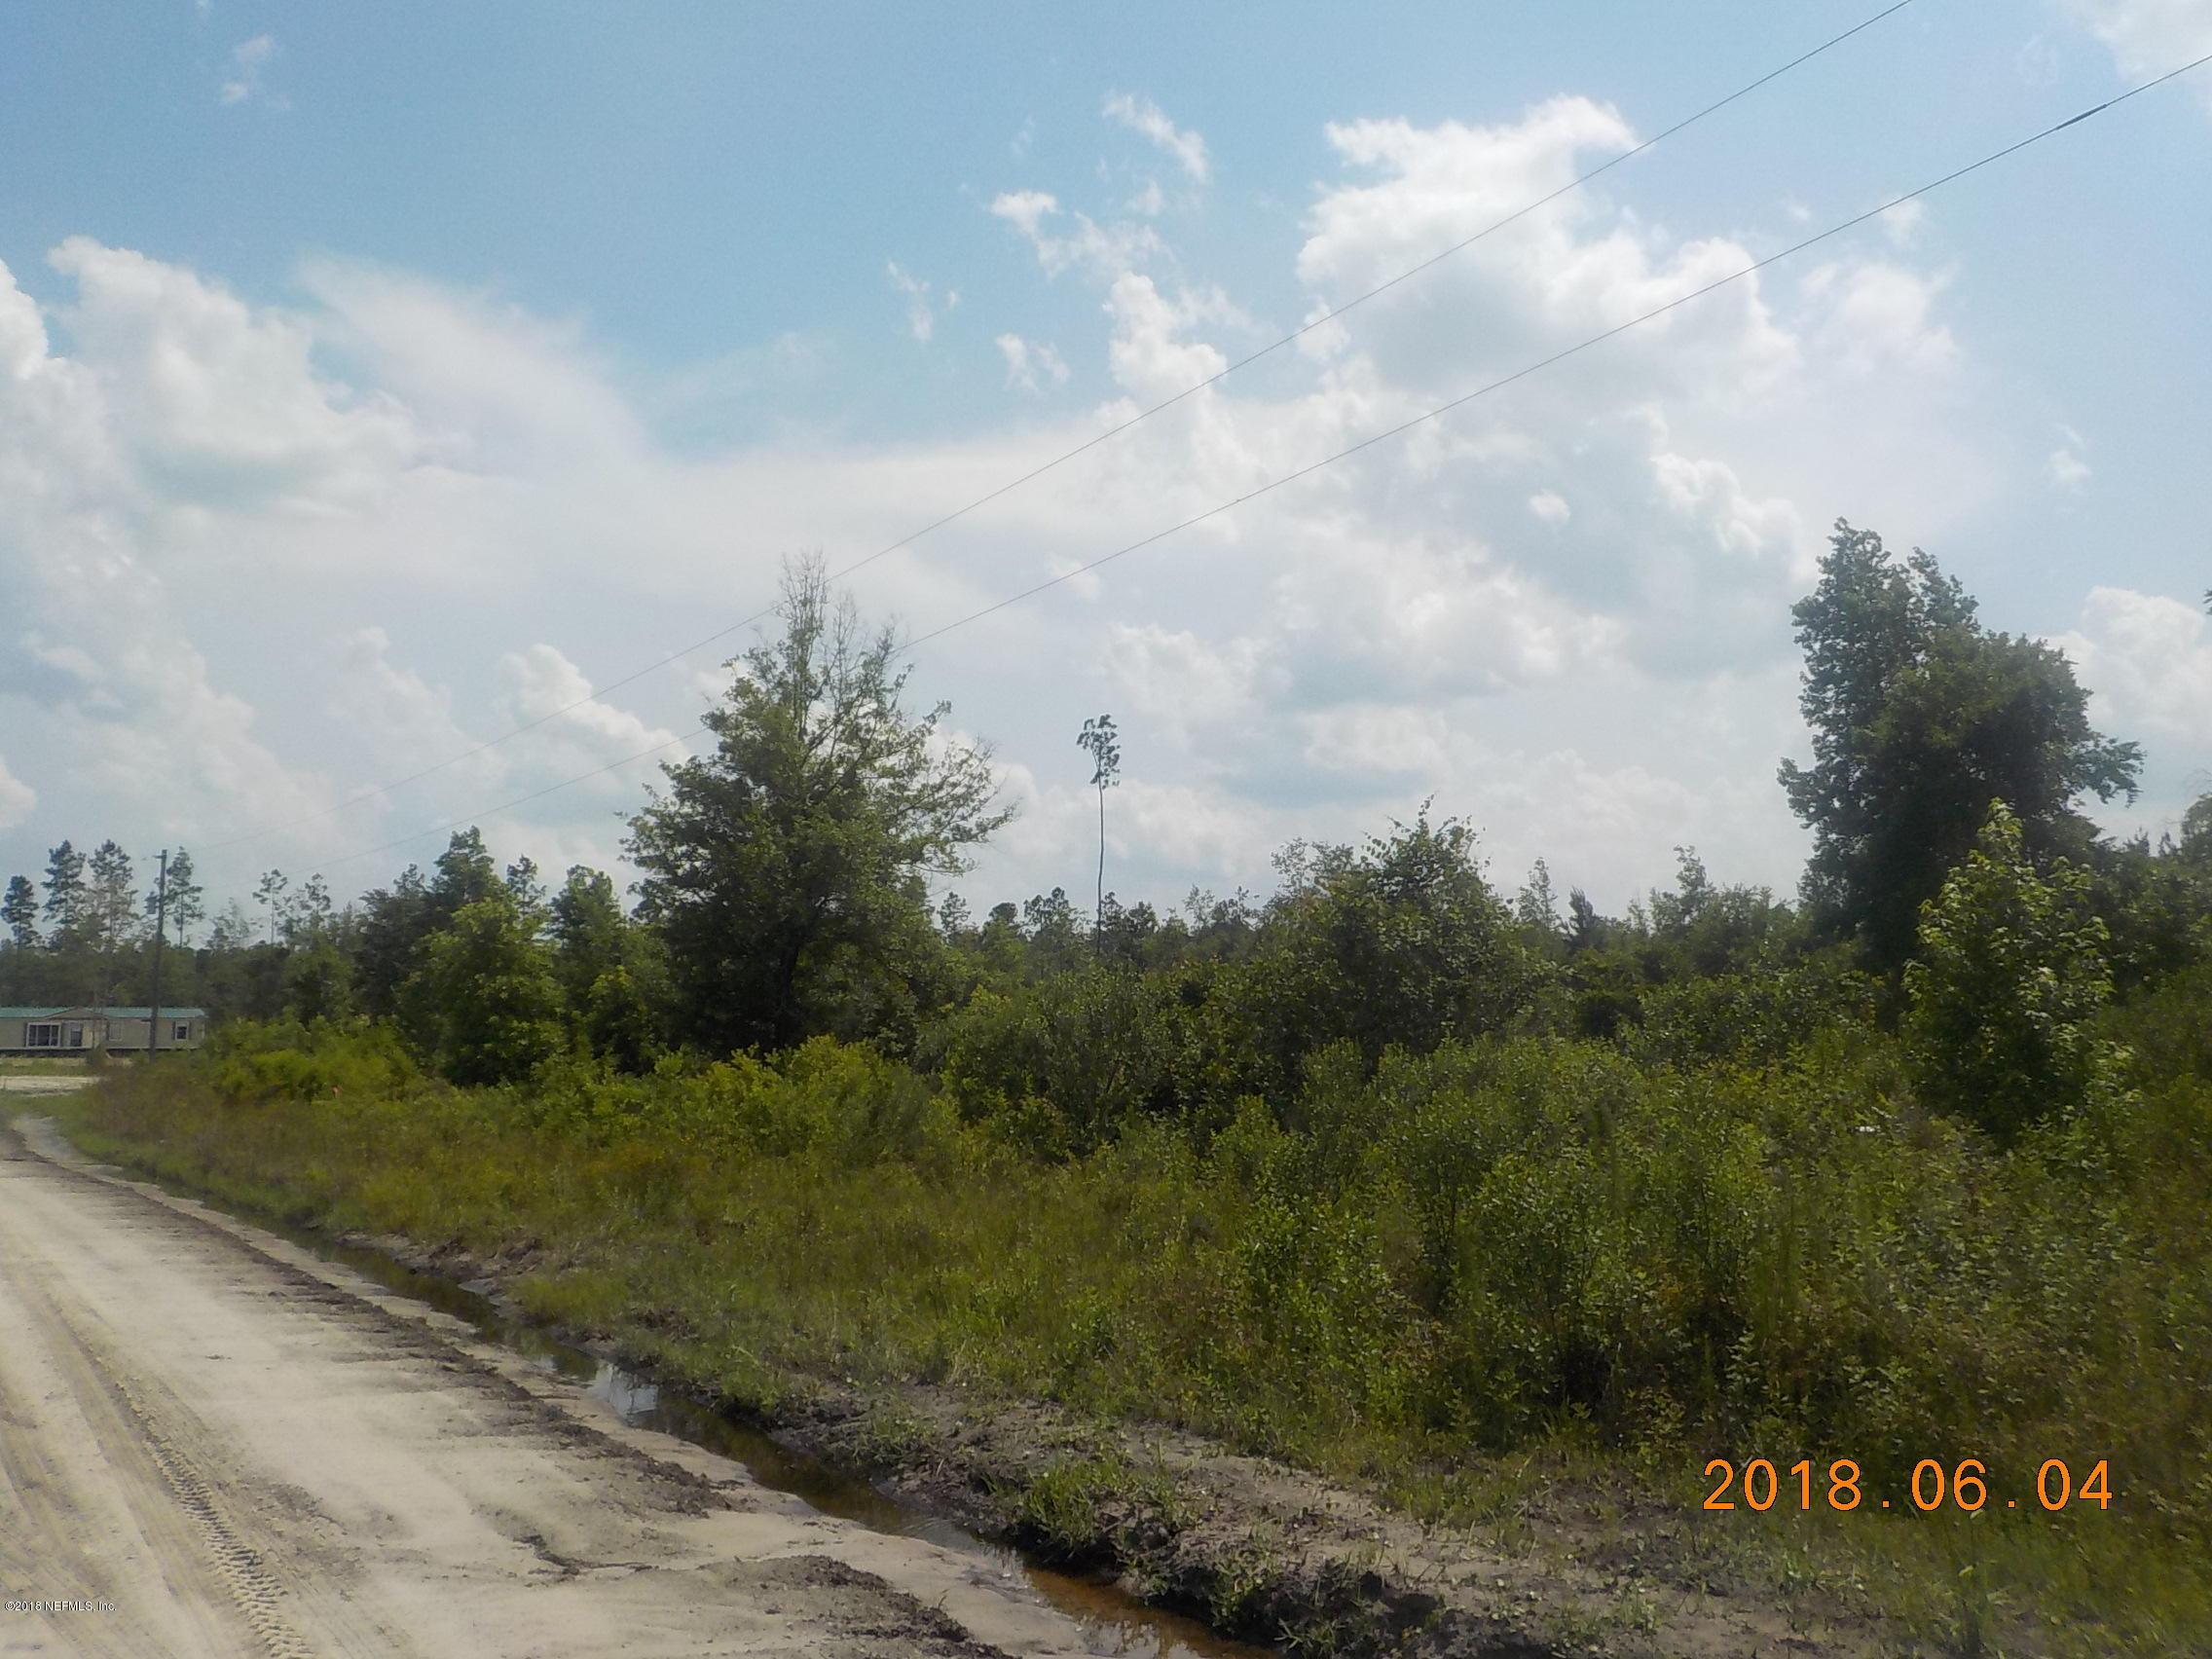 33 CEDAR CREEK FARMS, GLEN ST. MARY, FLORIDA 32040, ,Vacant land,For sale,CEDAR CREEK FARMS,940208